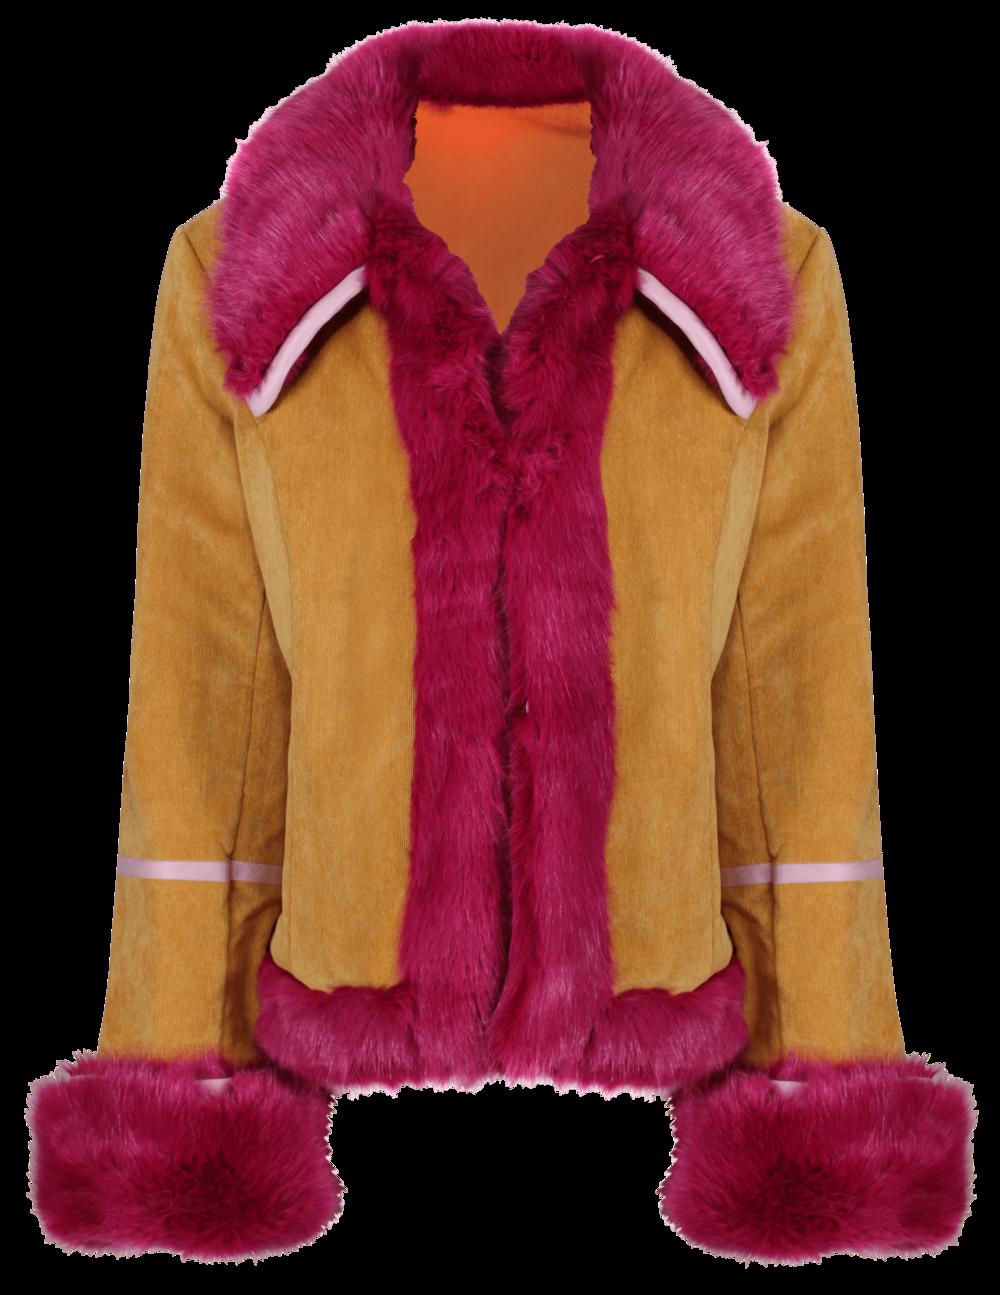 Electra coat -  Mustard CORD x ORANGE SUEDE - SHOP NOW